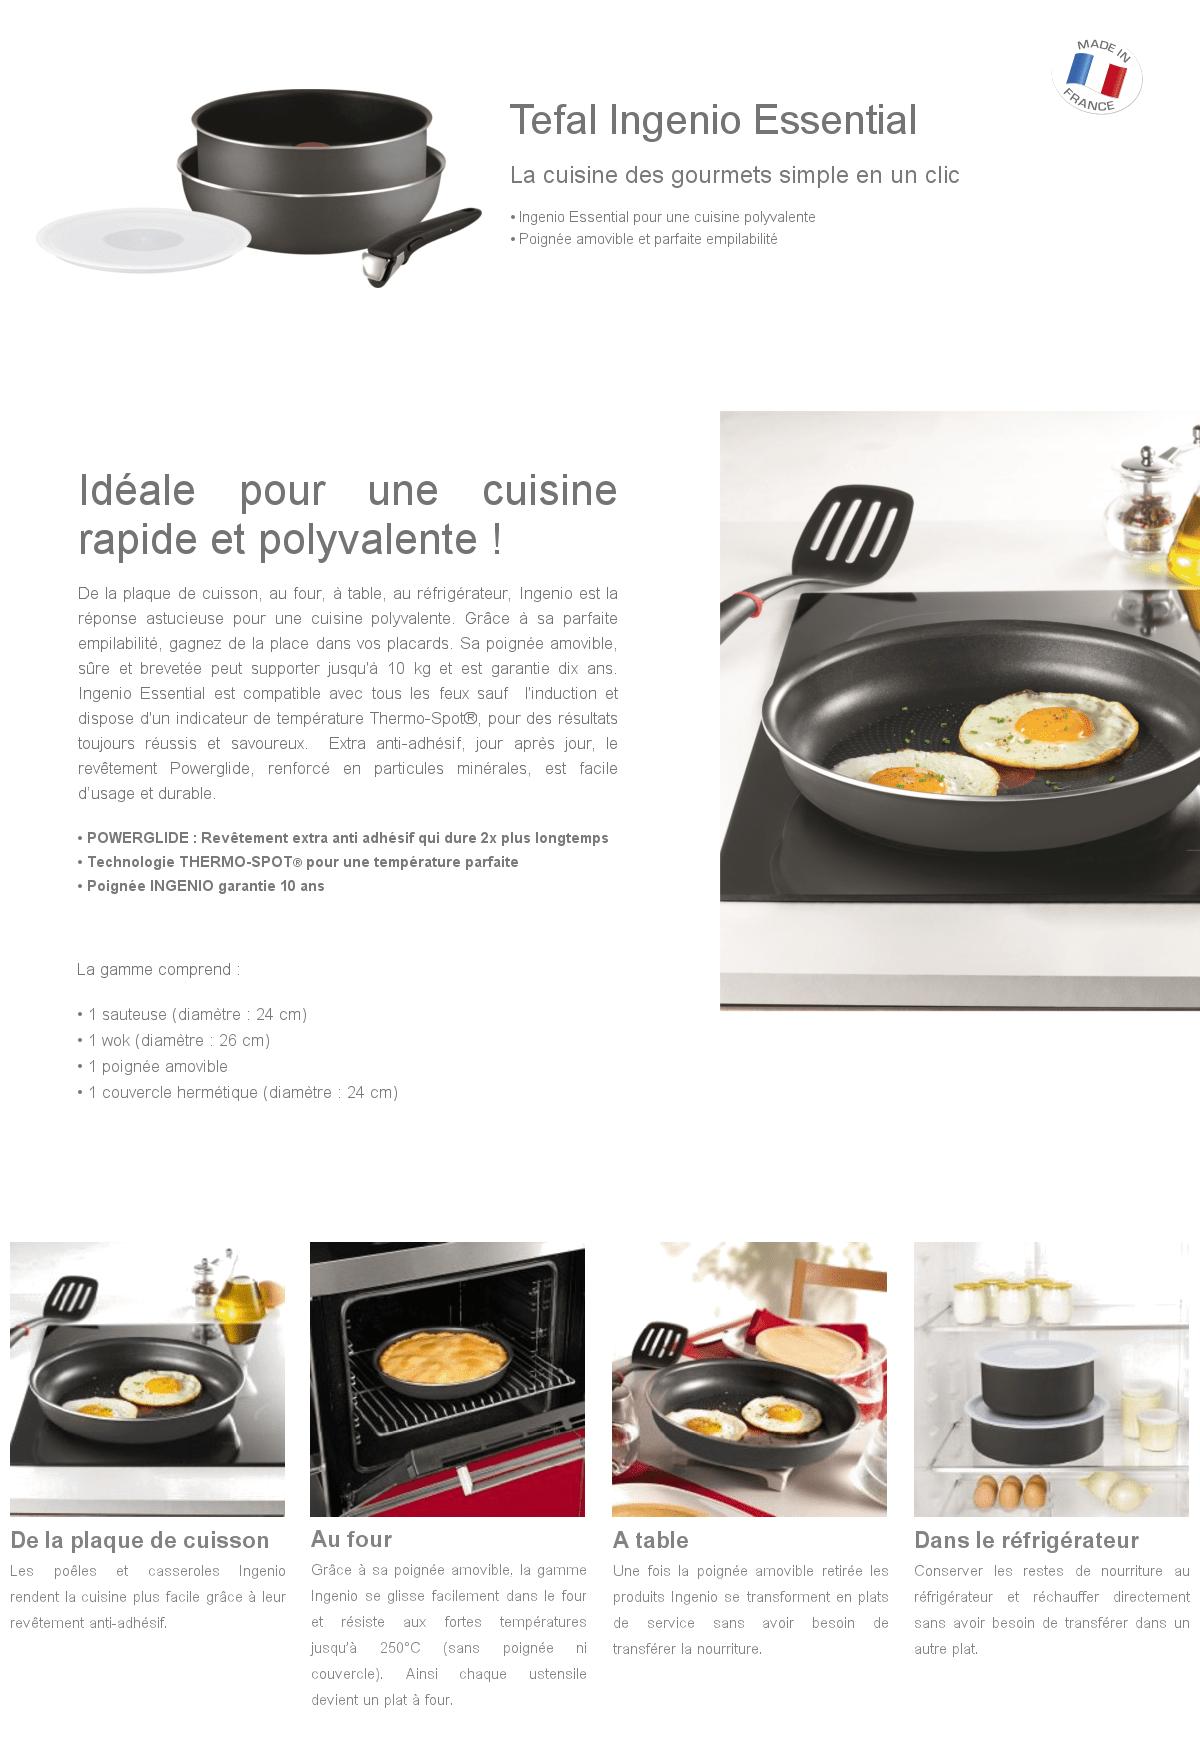 Affordable batterie cuisine induction tefal intrieur tefal - Batterie de cuisine pour plaque a induction ...